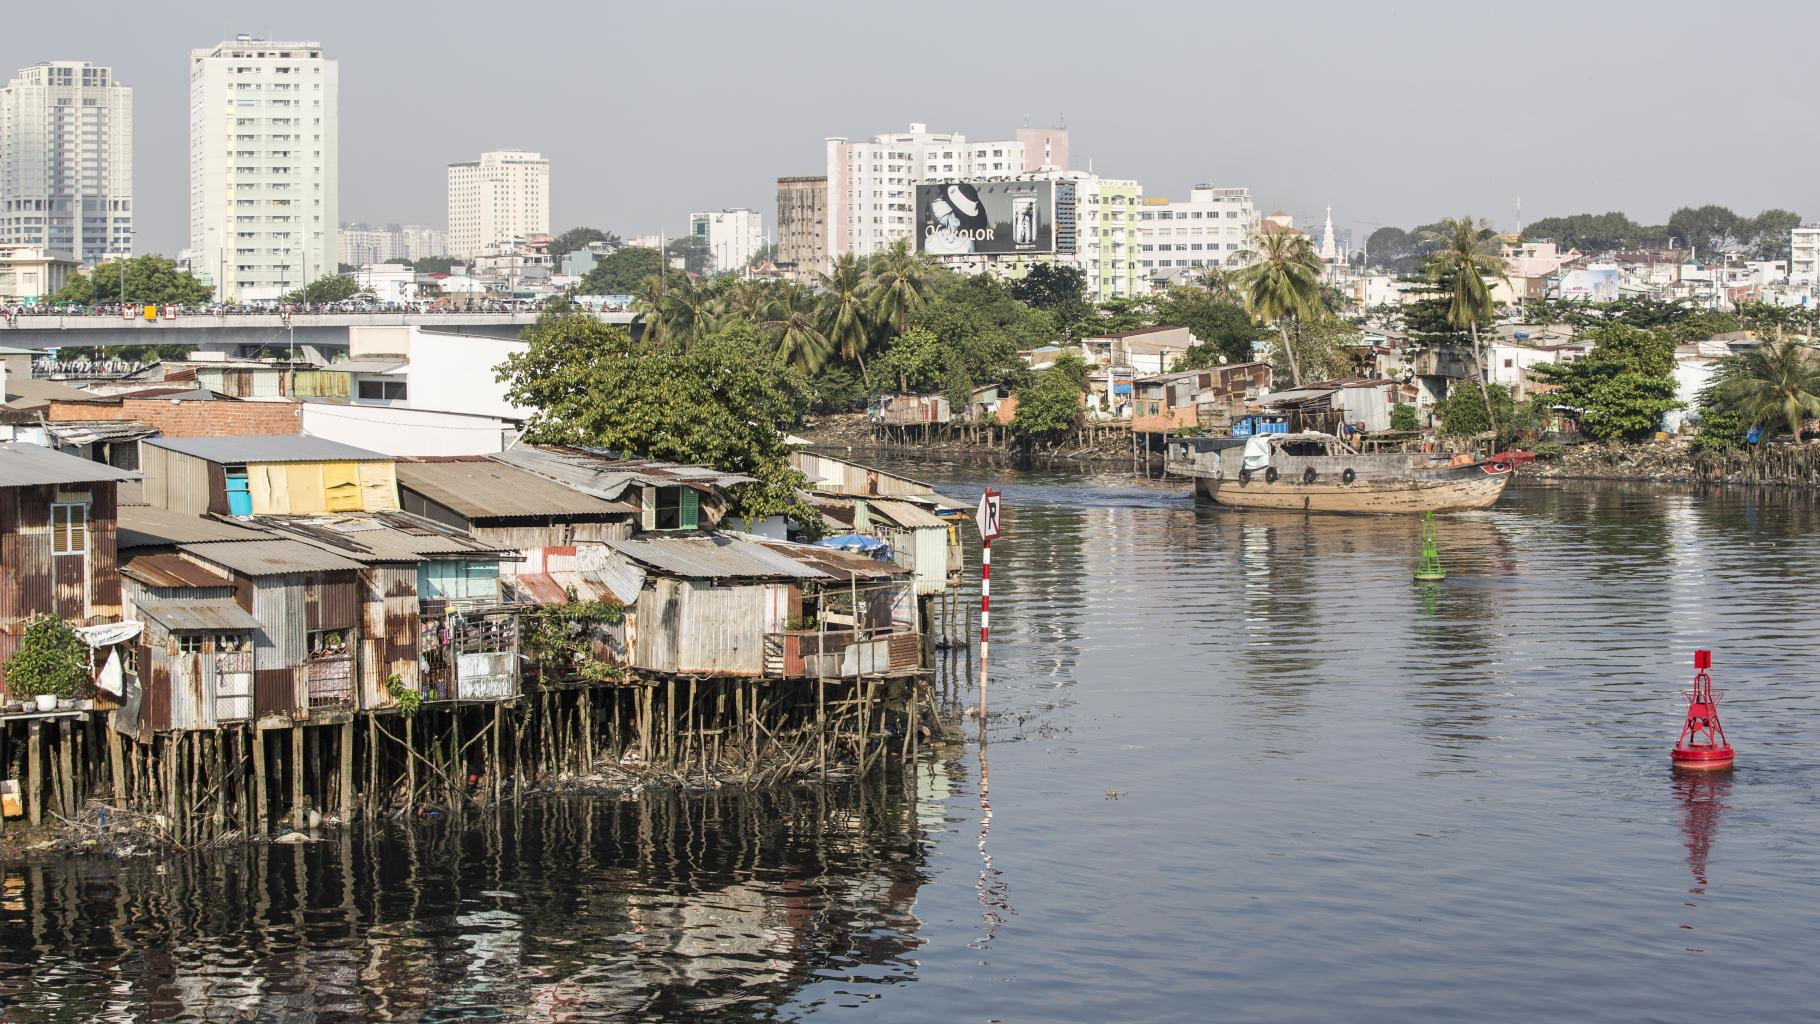 Von einfache Pfahlbauten gesäumt windet sich ein Fluss vor Hochhäusern und einem riesigen Werbeplakat.